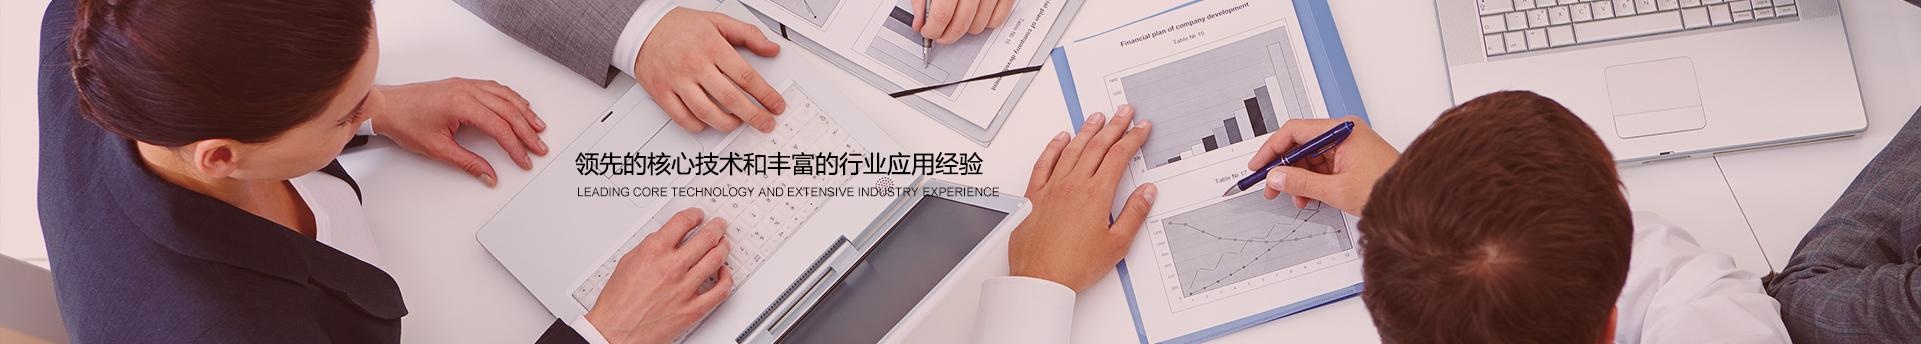 资料下载banner